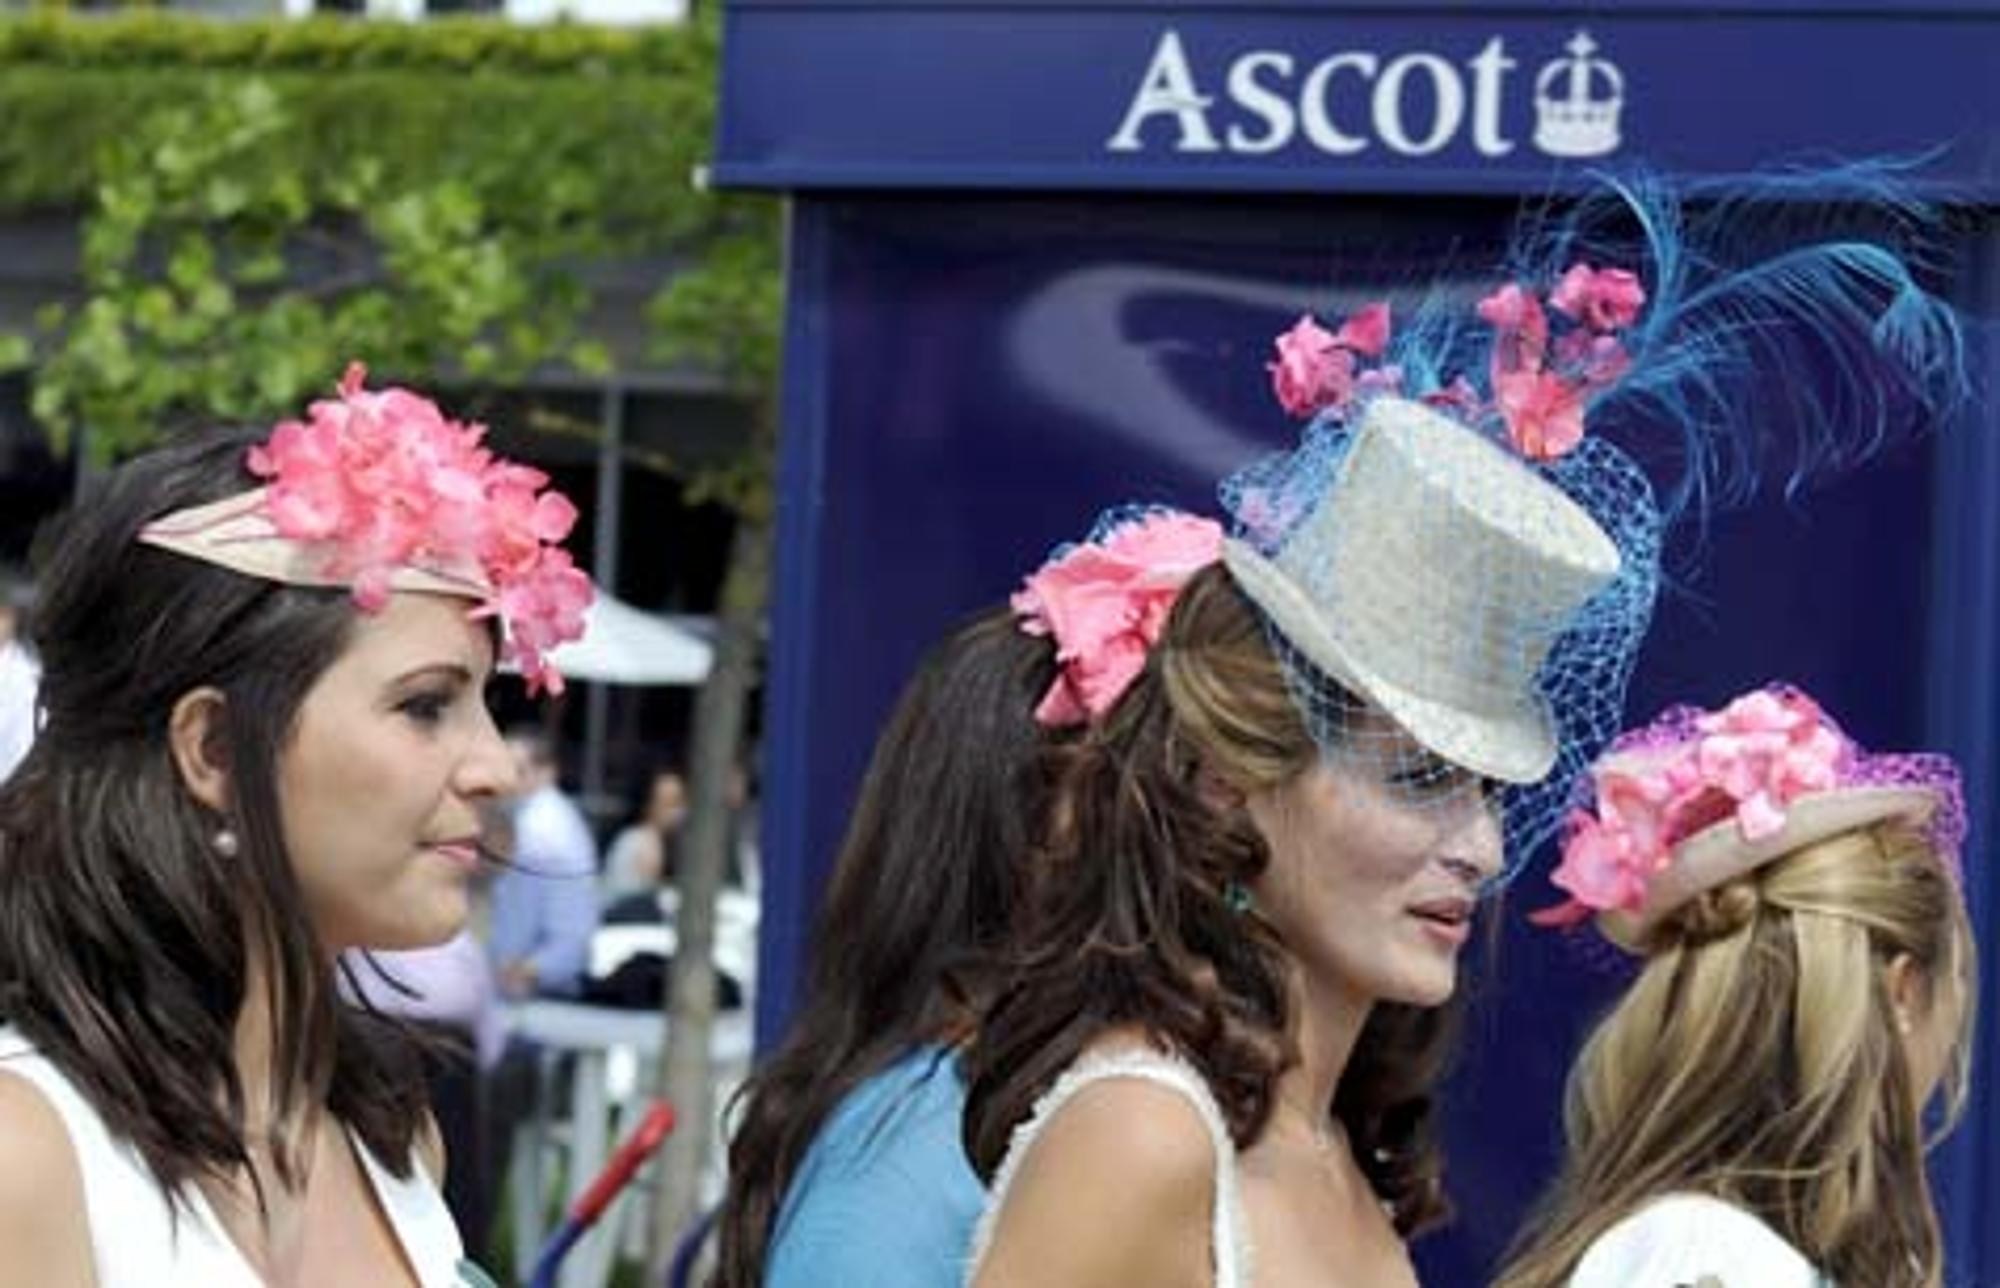 d0b1b460a9d5 Englands Frauen der High-Society tragen beim Pferderennen Royal ...